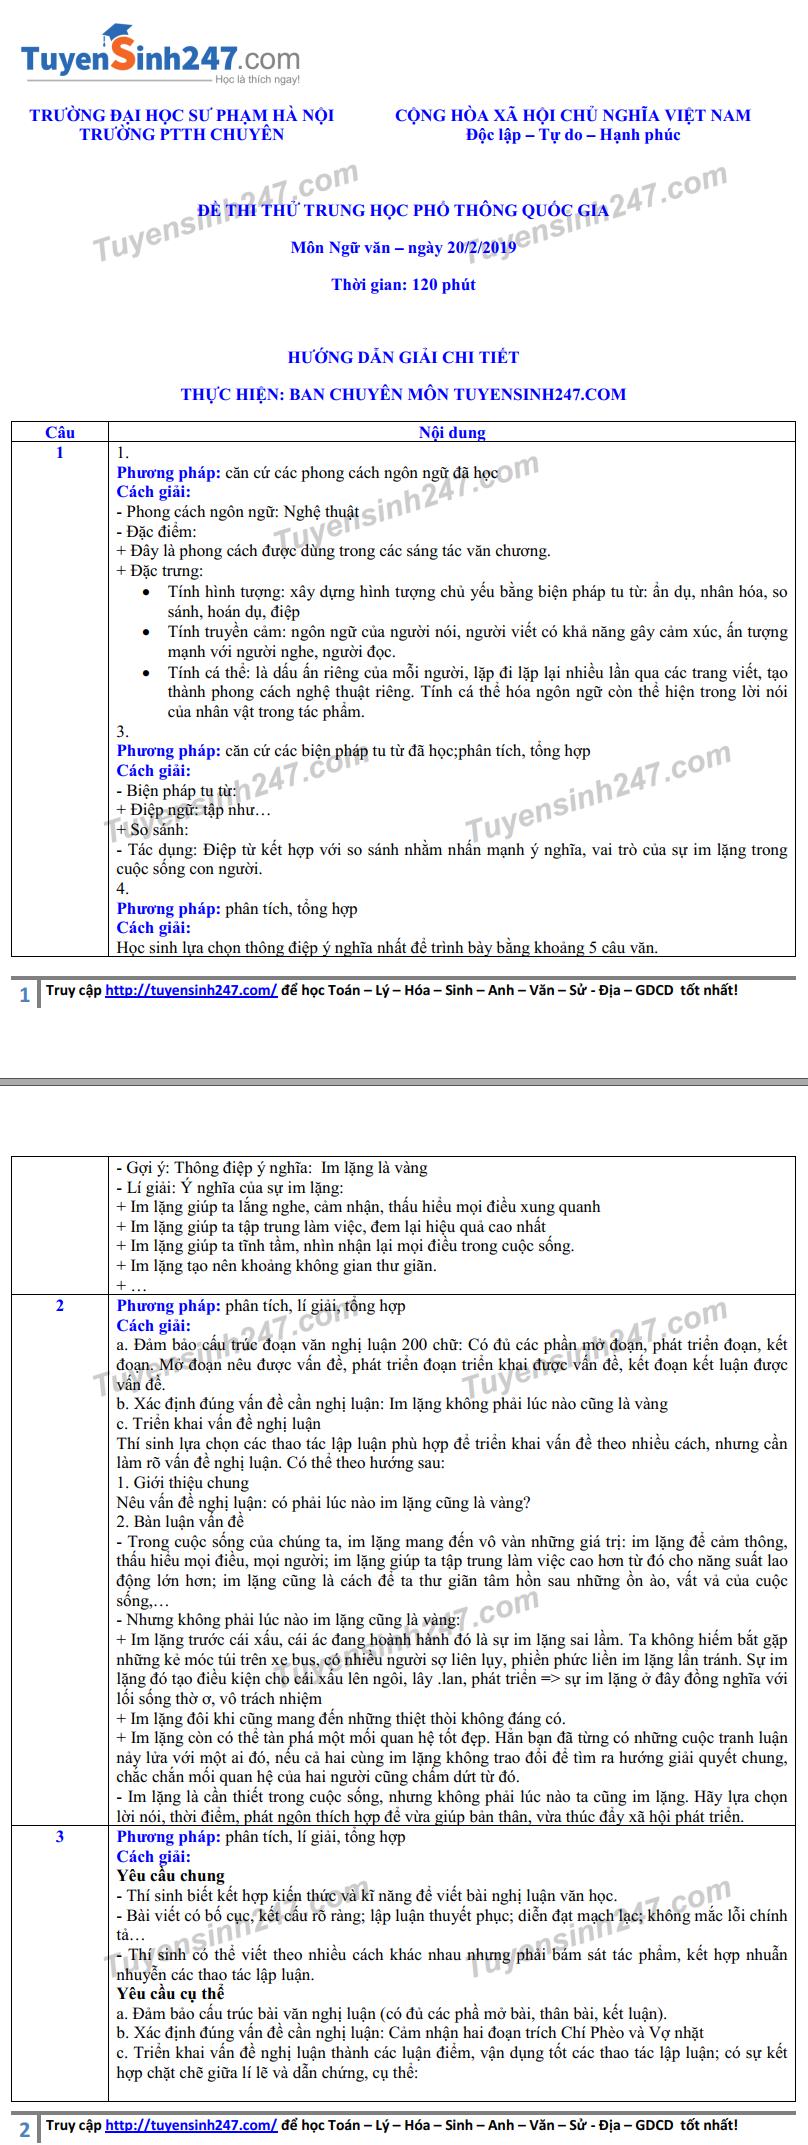 Đề thi thử THPT quốc gia 2019 môn Ngữ văn THPT chuyên ĐH Sư phạm Hà Nội có đáp án - Ảnh 3.